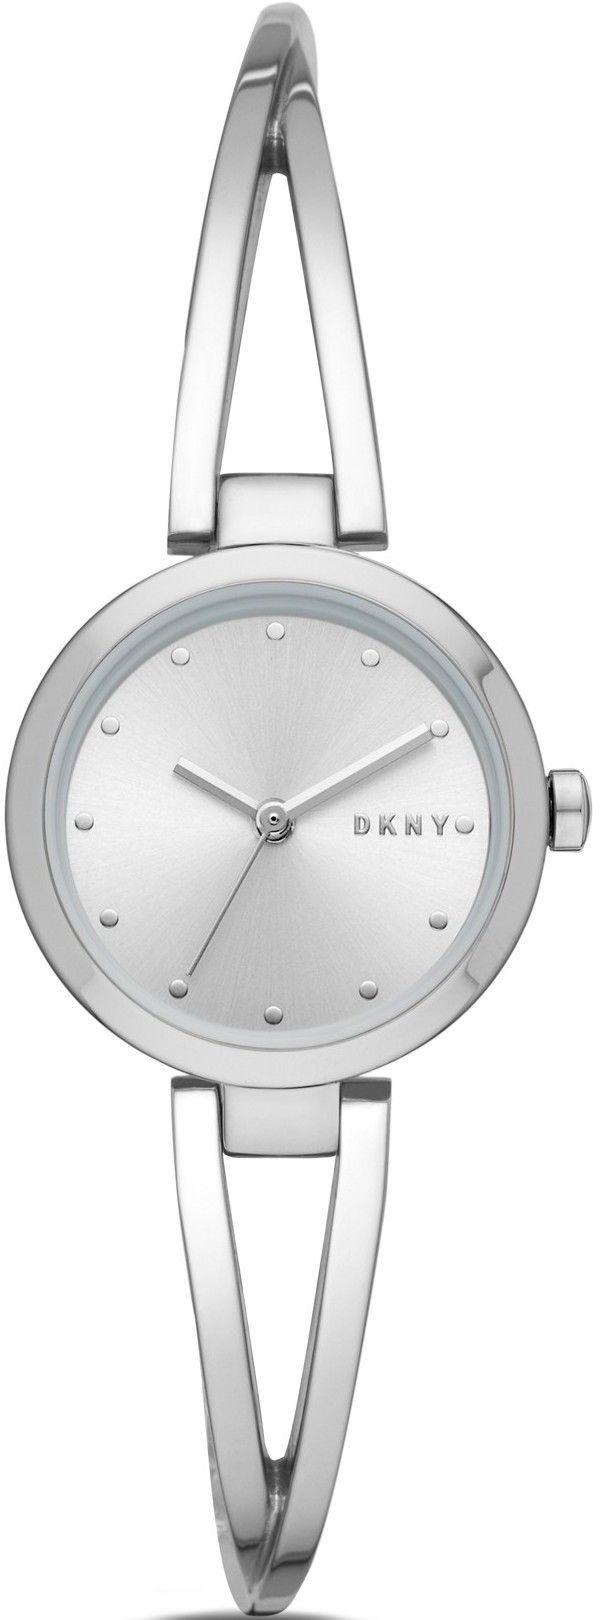 Zegarek DKNY NY2789 - CENA DO NEGOCJACJI - DOSTAWA DHL GRATIS, KUPUJ BEZ RYZYKA - 100 dni na zwrot, możliwość wygrawerowania dowolnego tekstu.